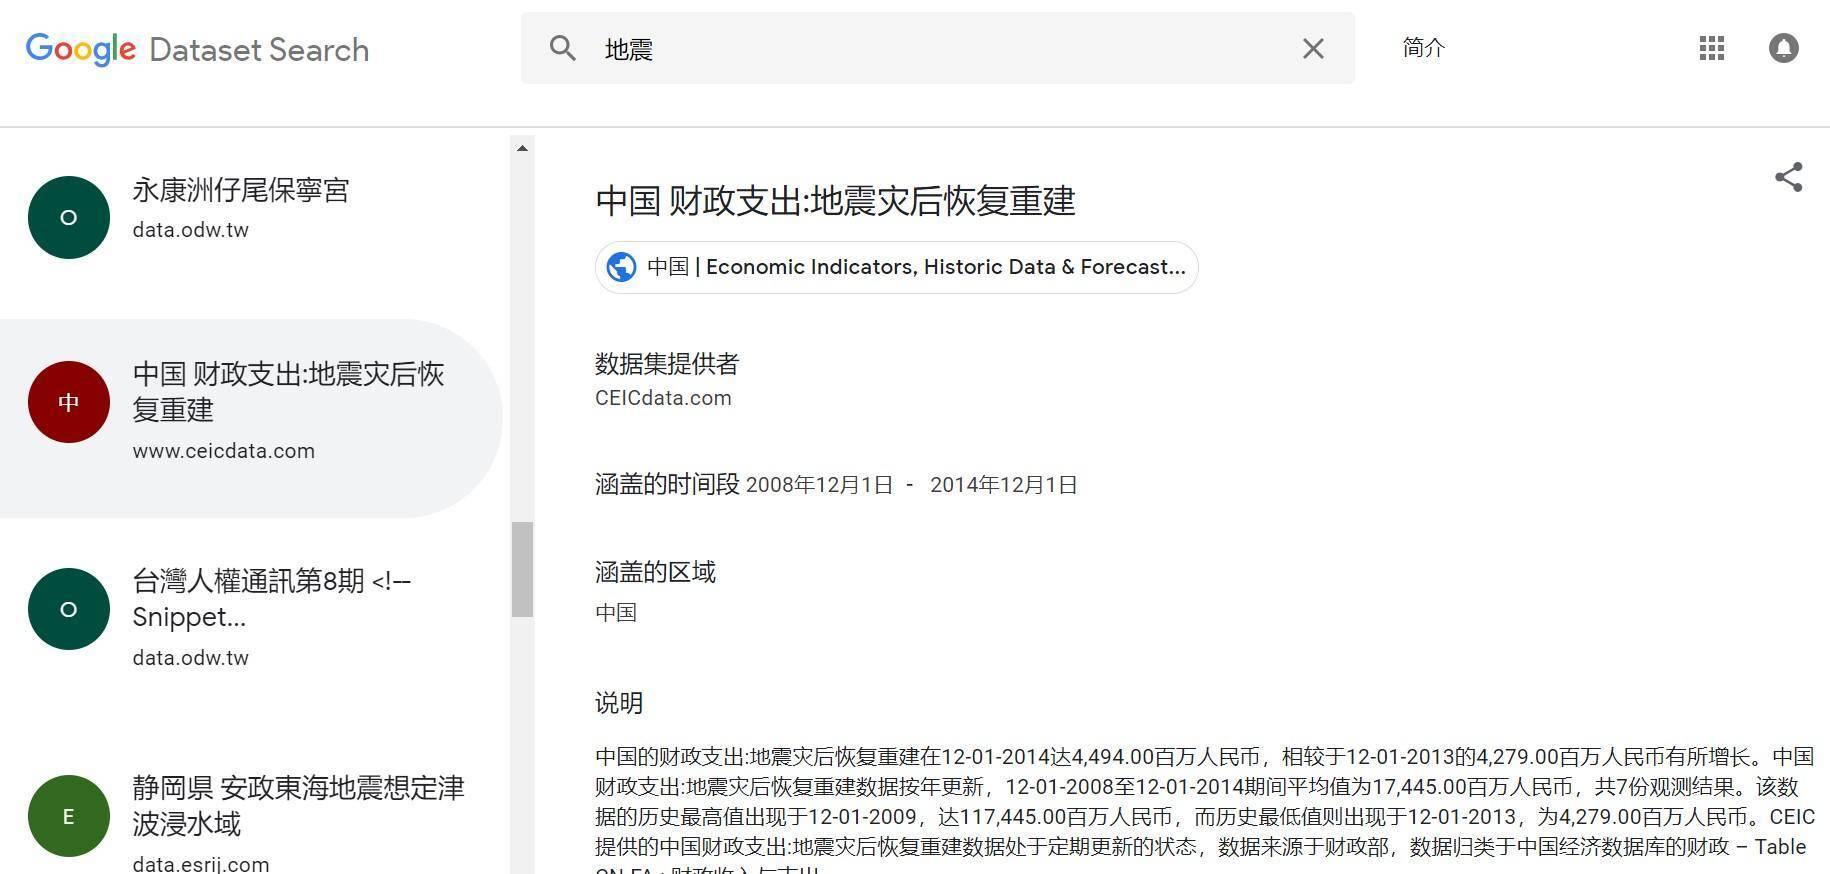 继学术搜索之后,谷歌重磅推出数据集搜索!